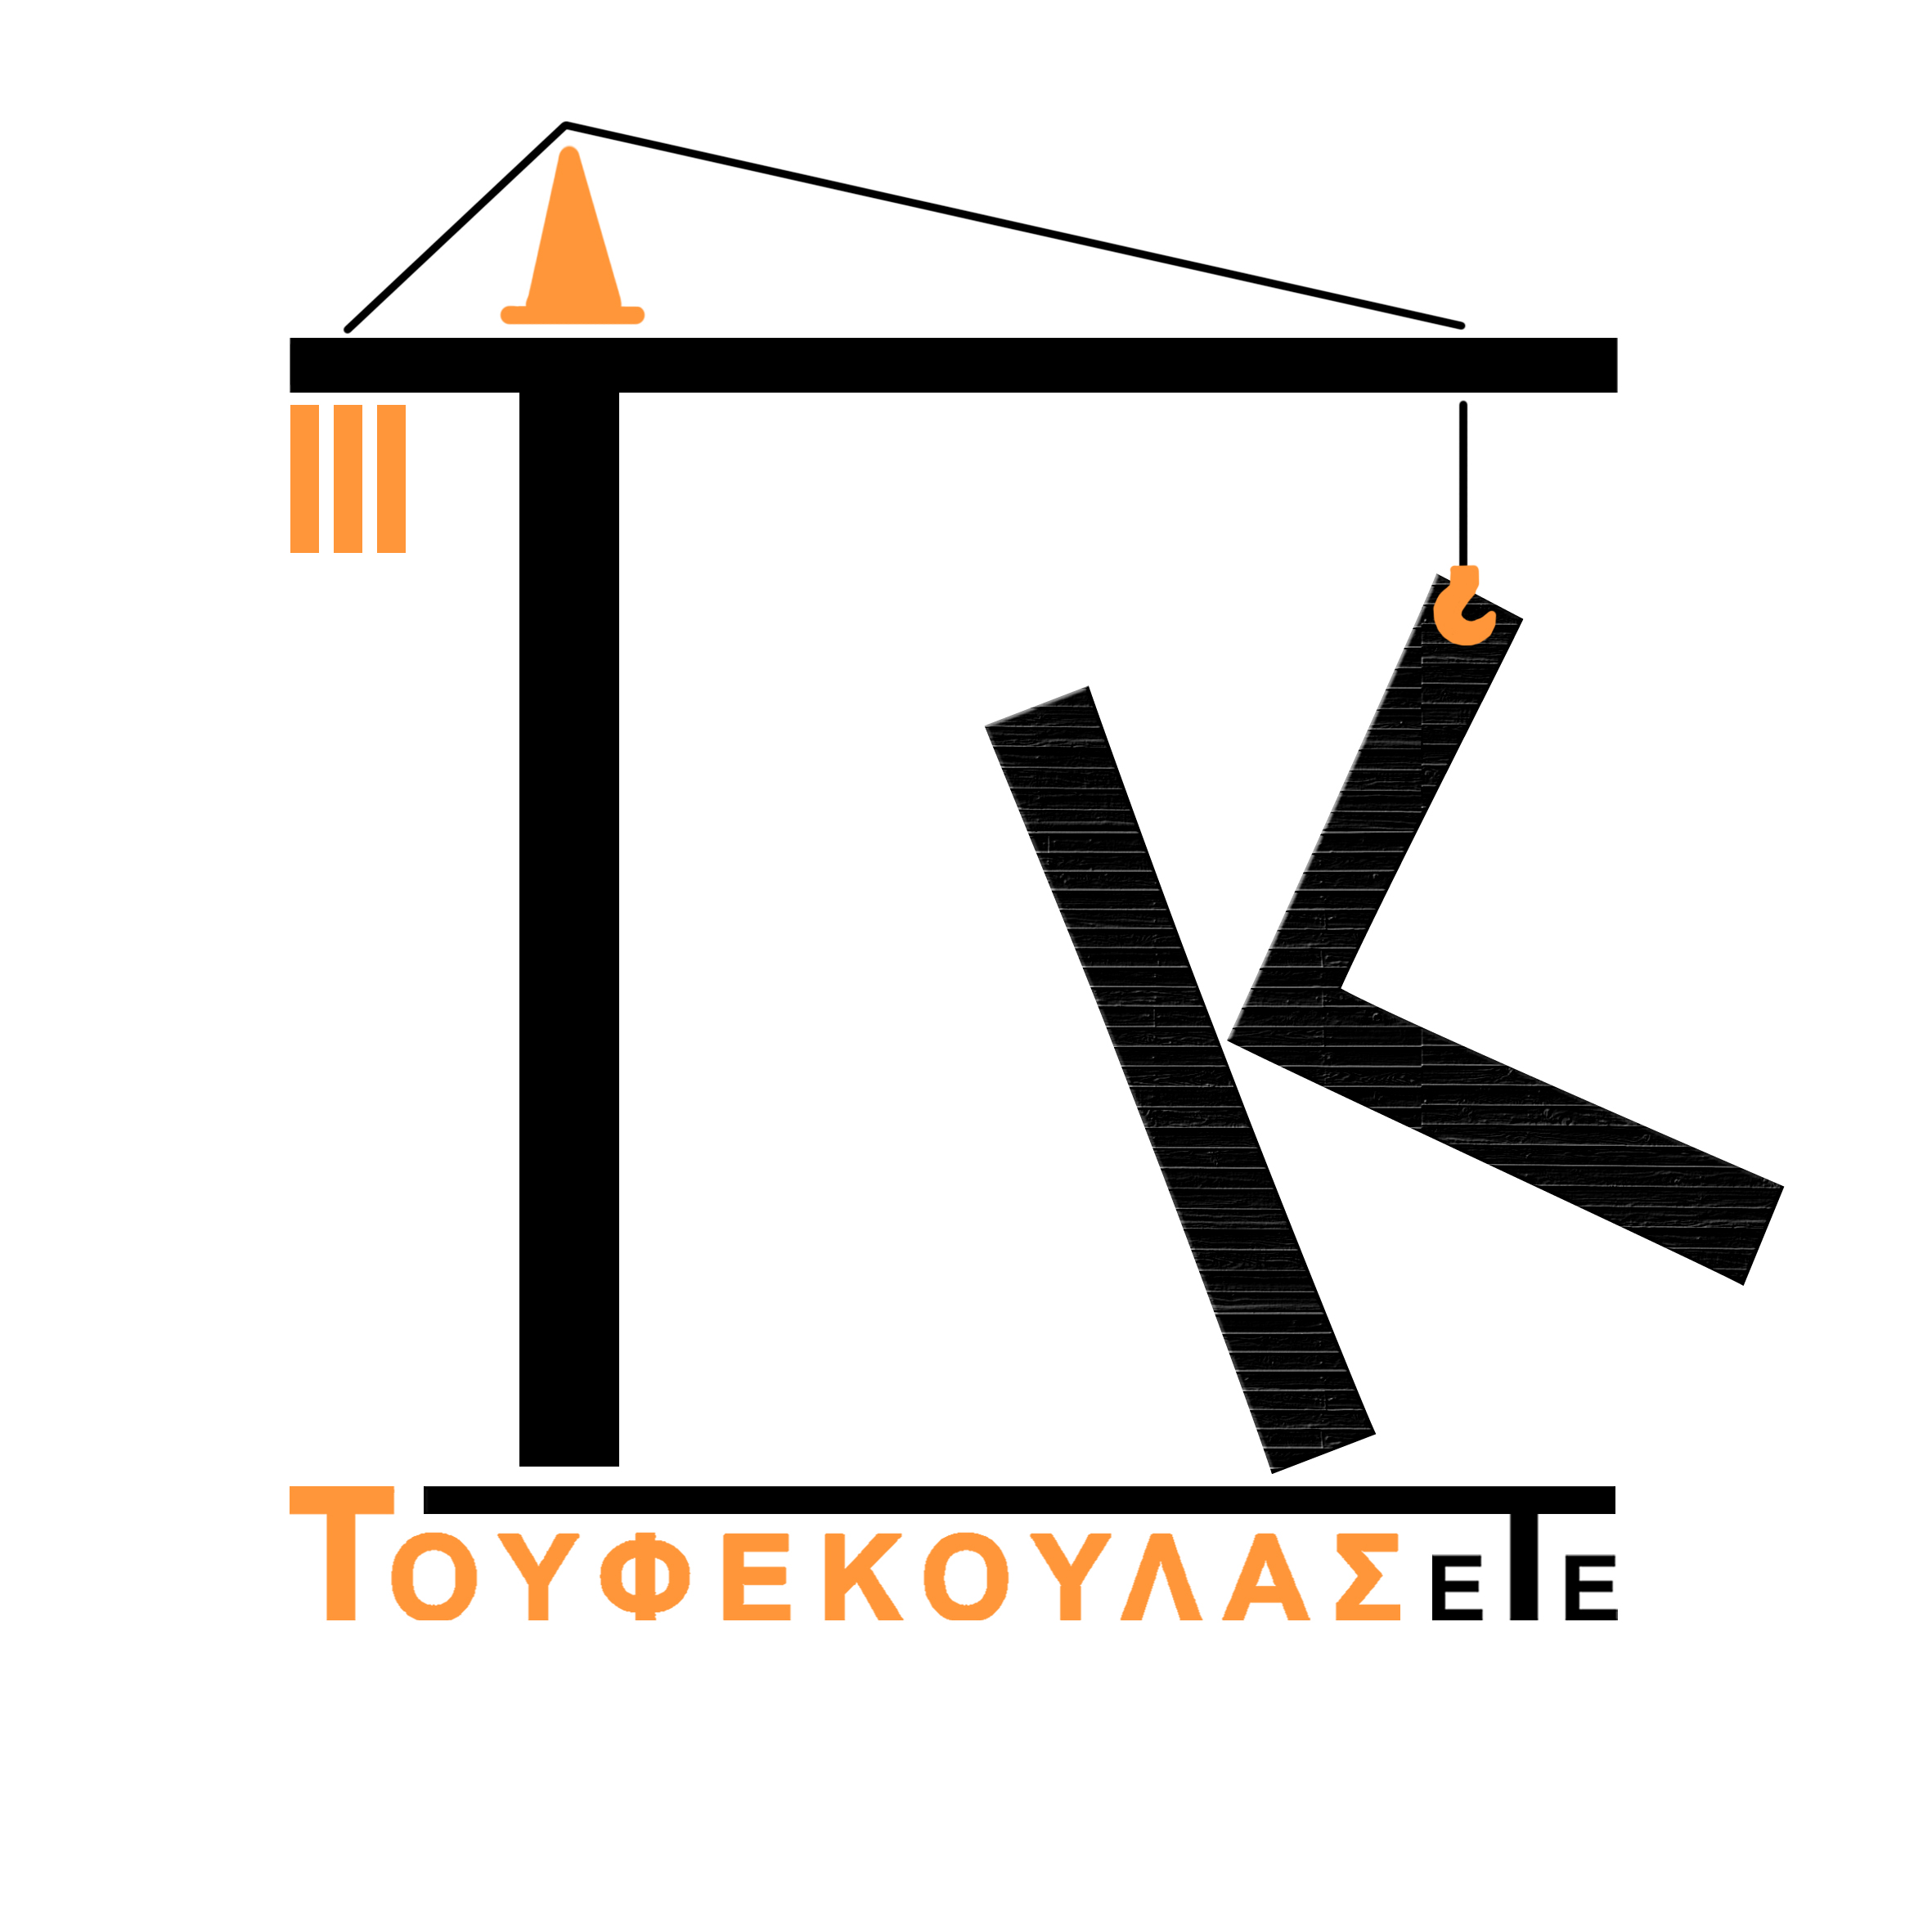 Γ.Κ. ΤΟΥΦΕΚΟΥΛΑΣ ΕΤΕ